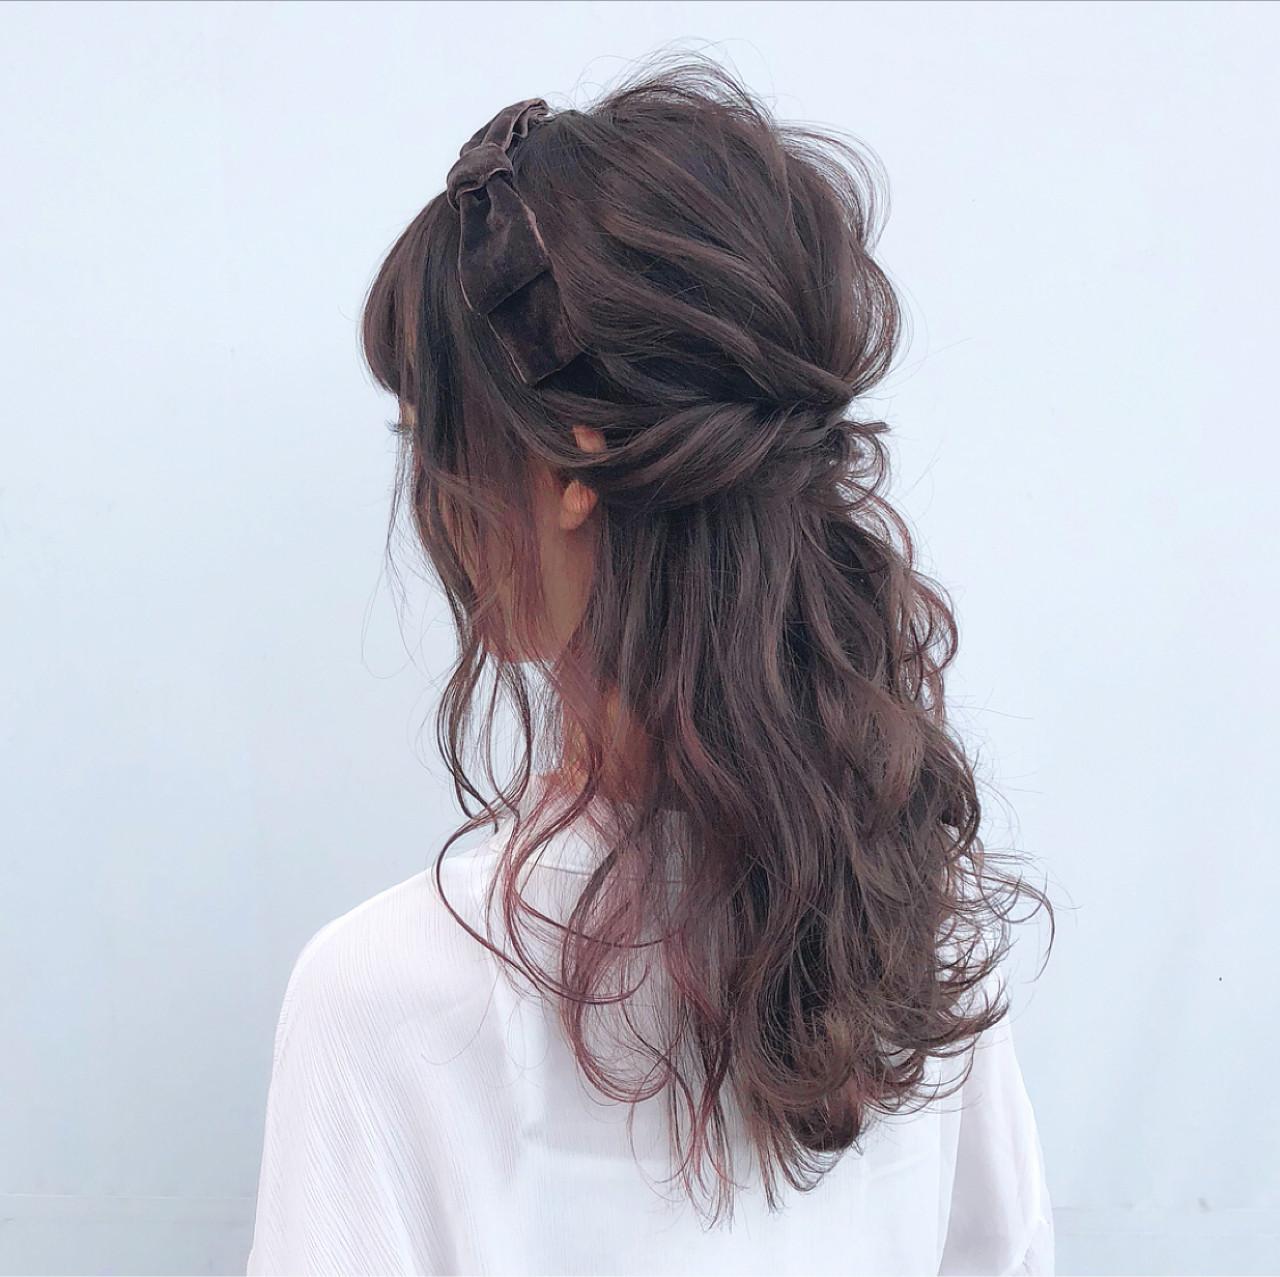 こなれ感たっぷりセミロングのねじりんぱハーフアップ hii.de@✂︎  CHERIE hair design